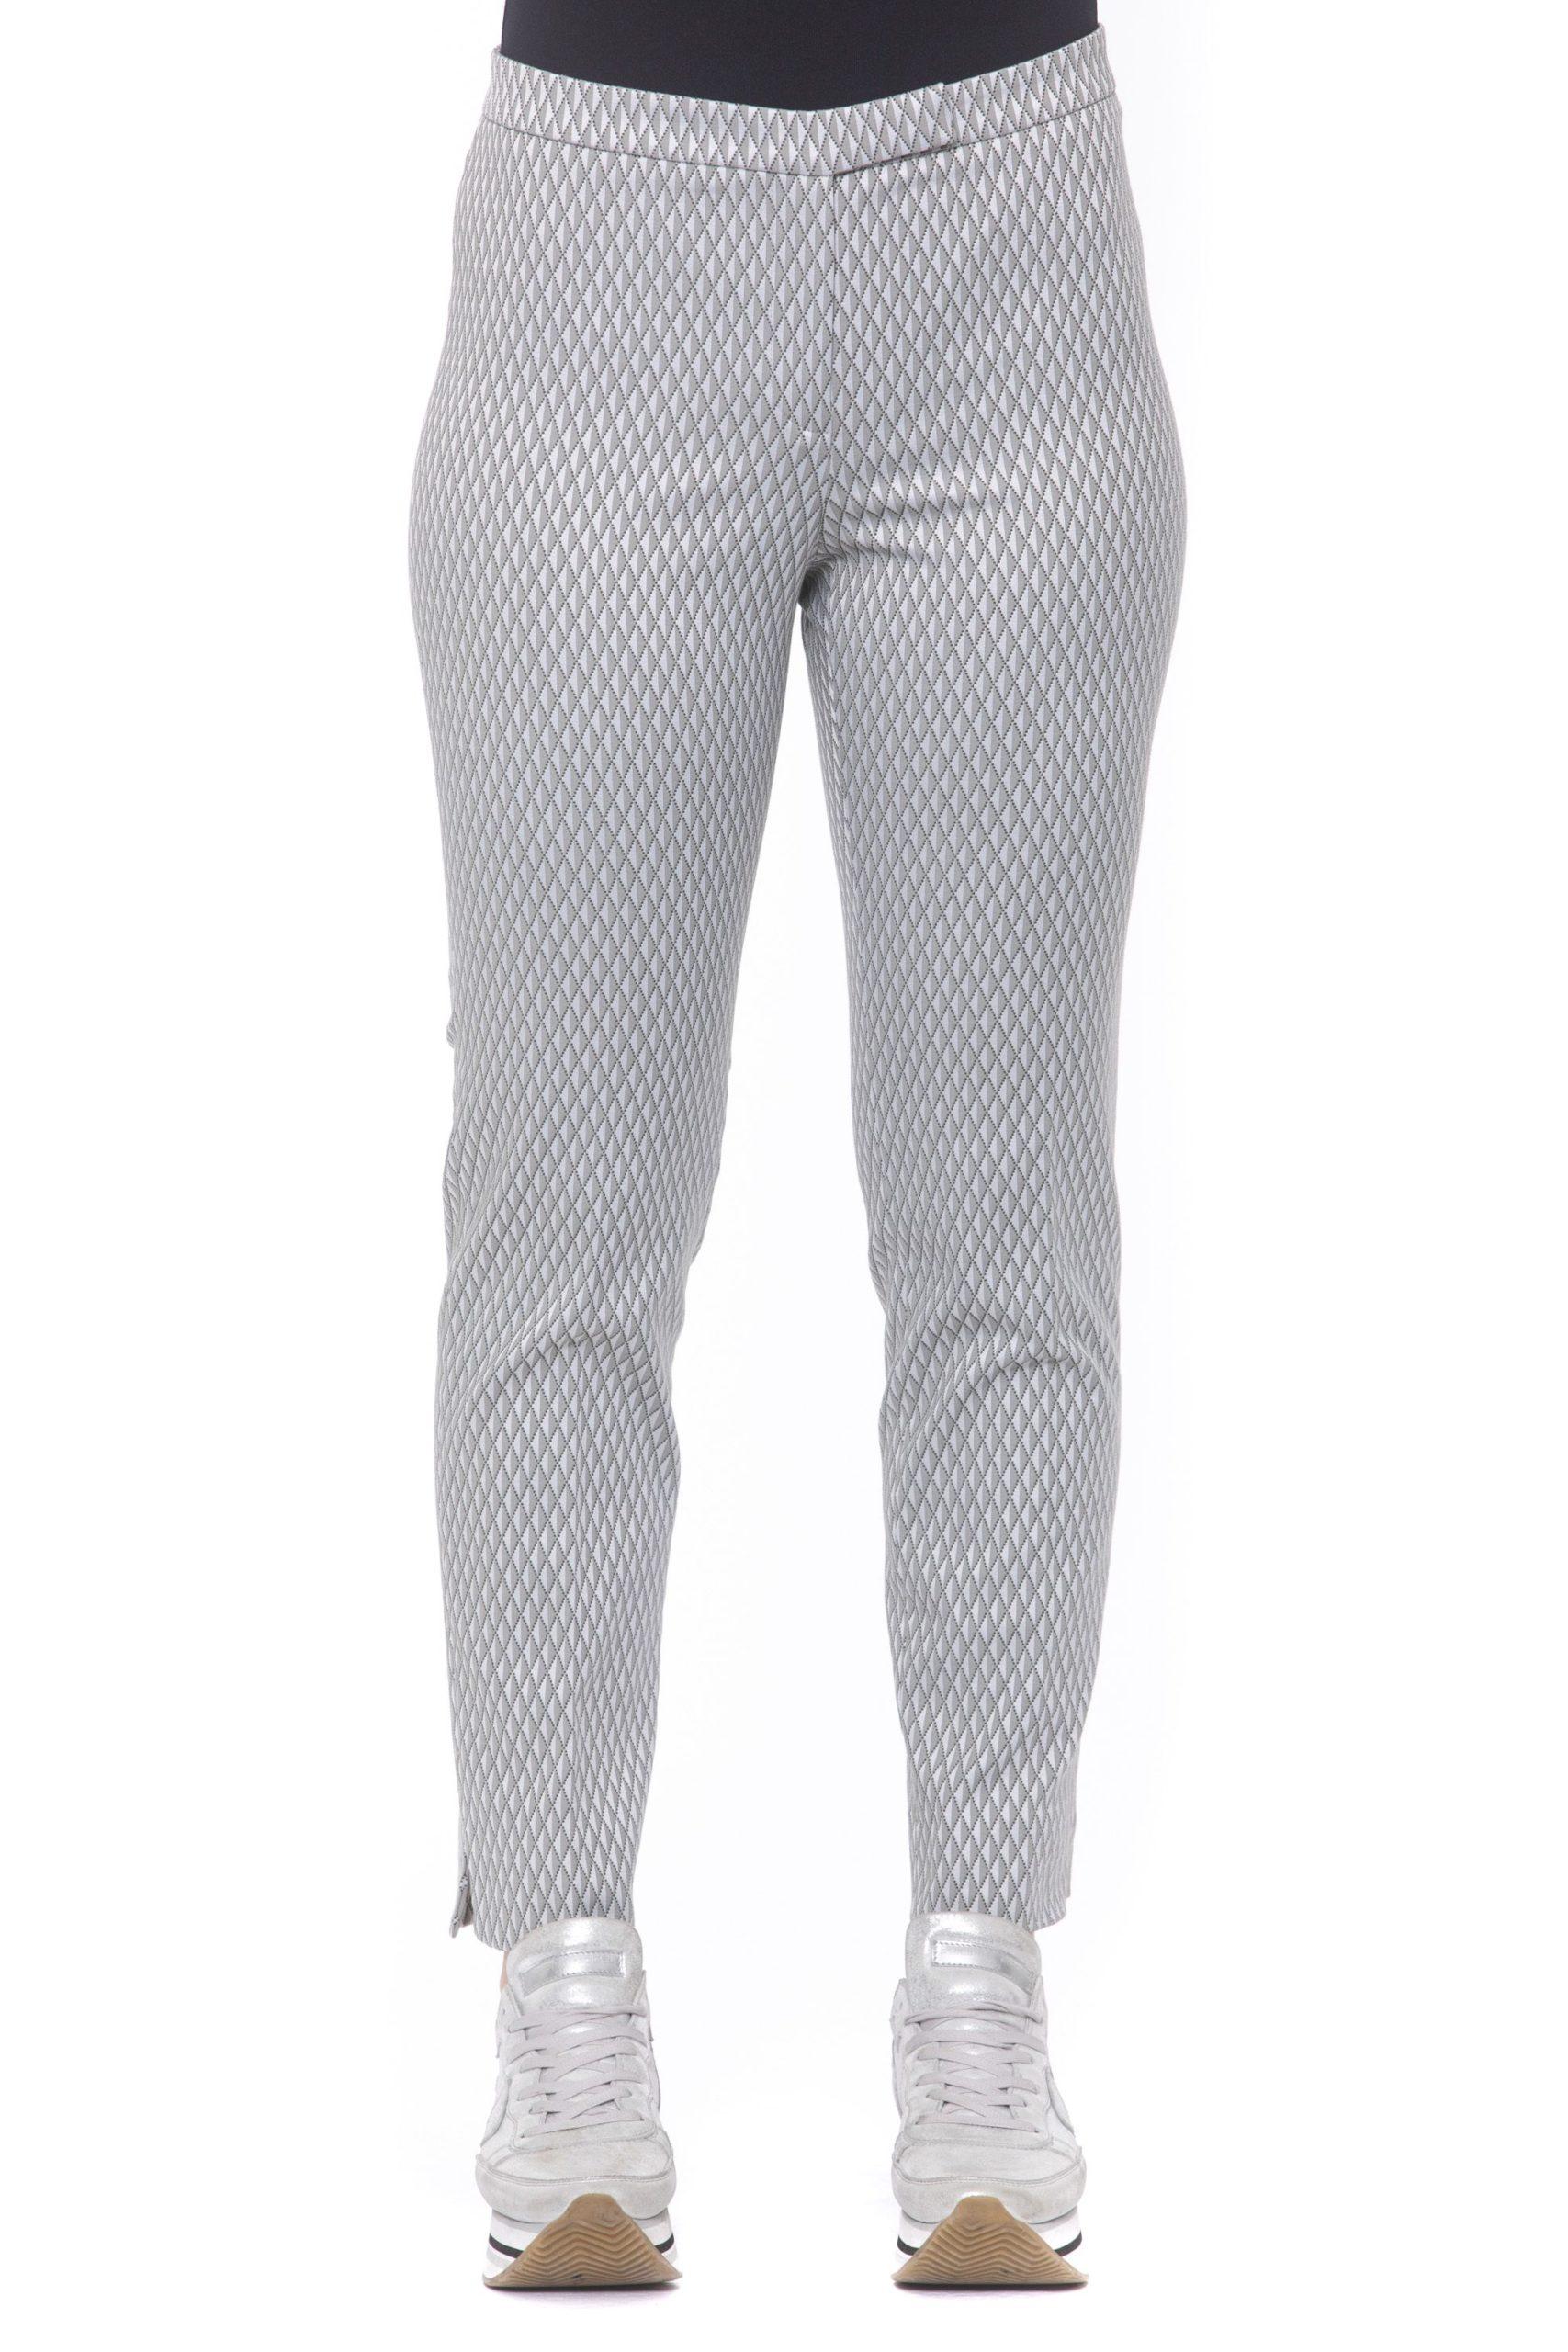 Grigio Jeans & Pant - IT42 | S